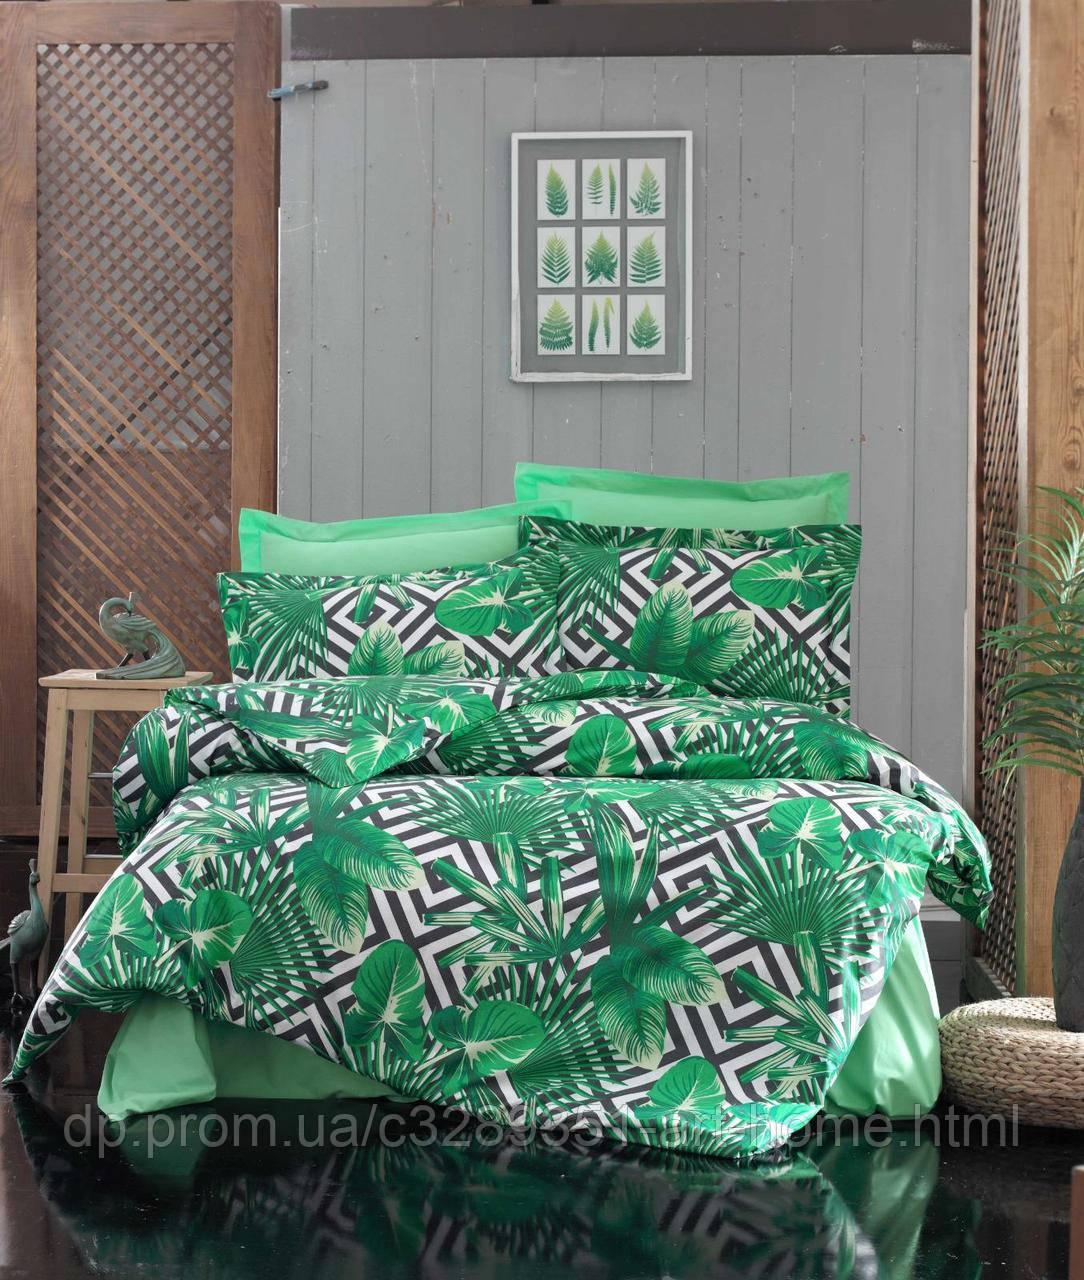 Постельное белье турецкое Даламан, листья пальмы